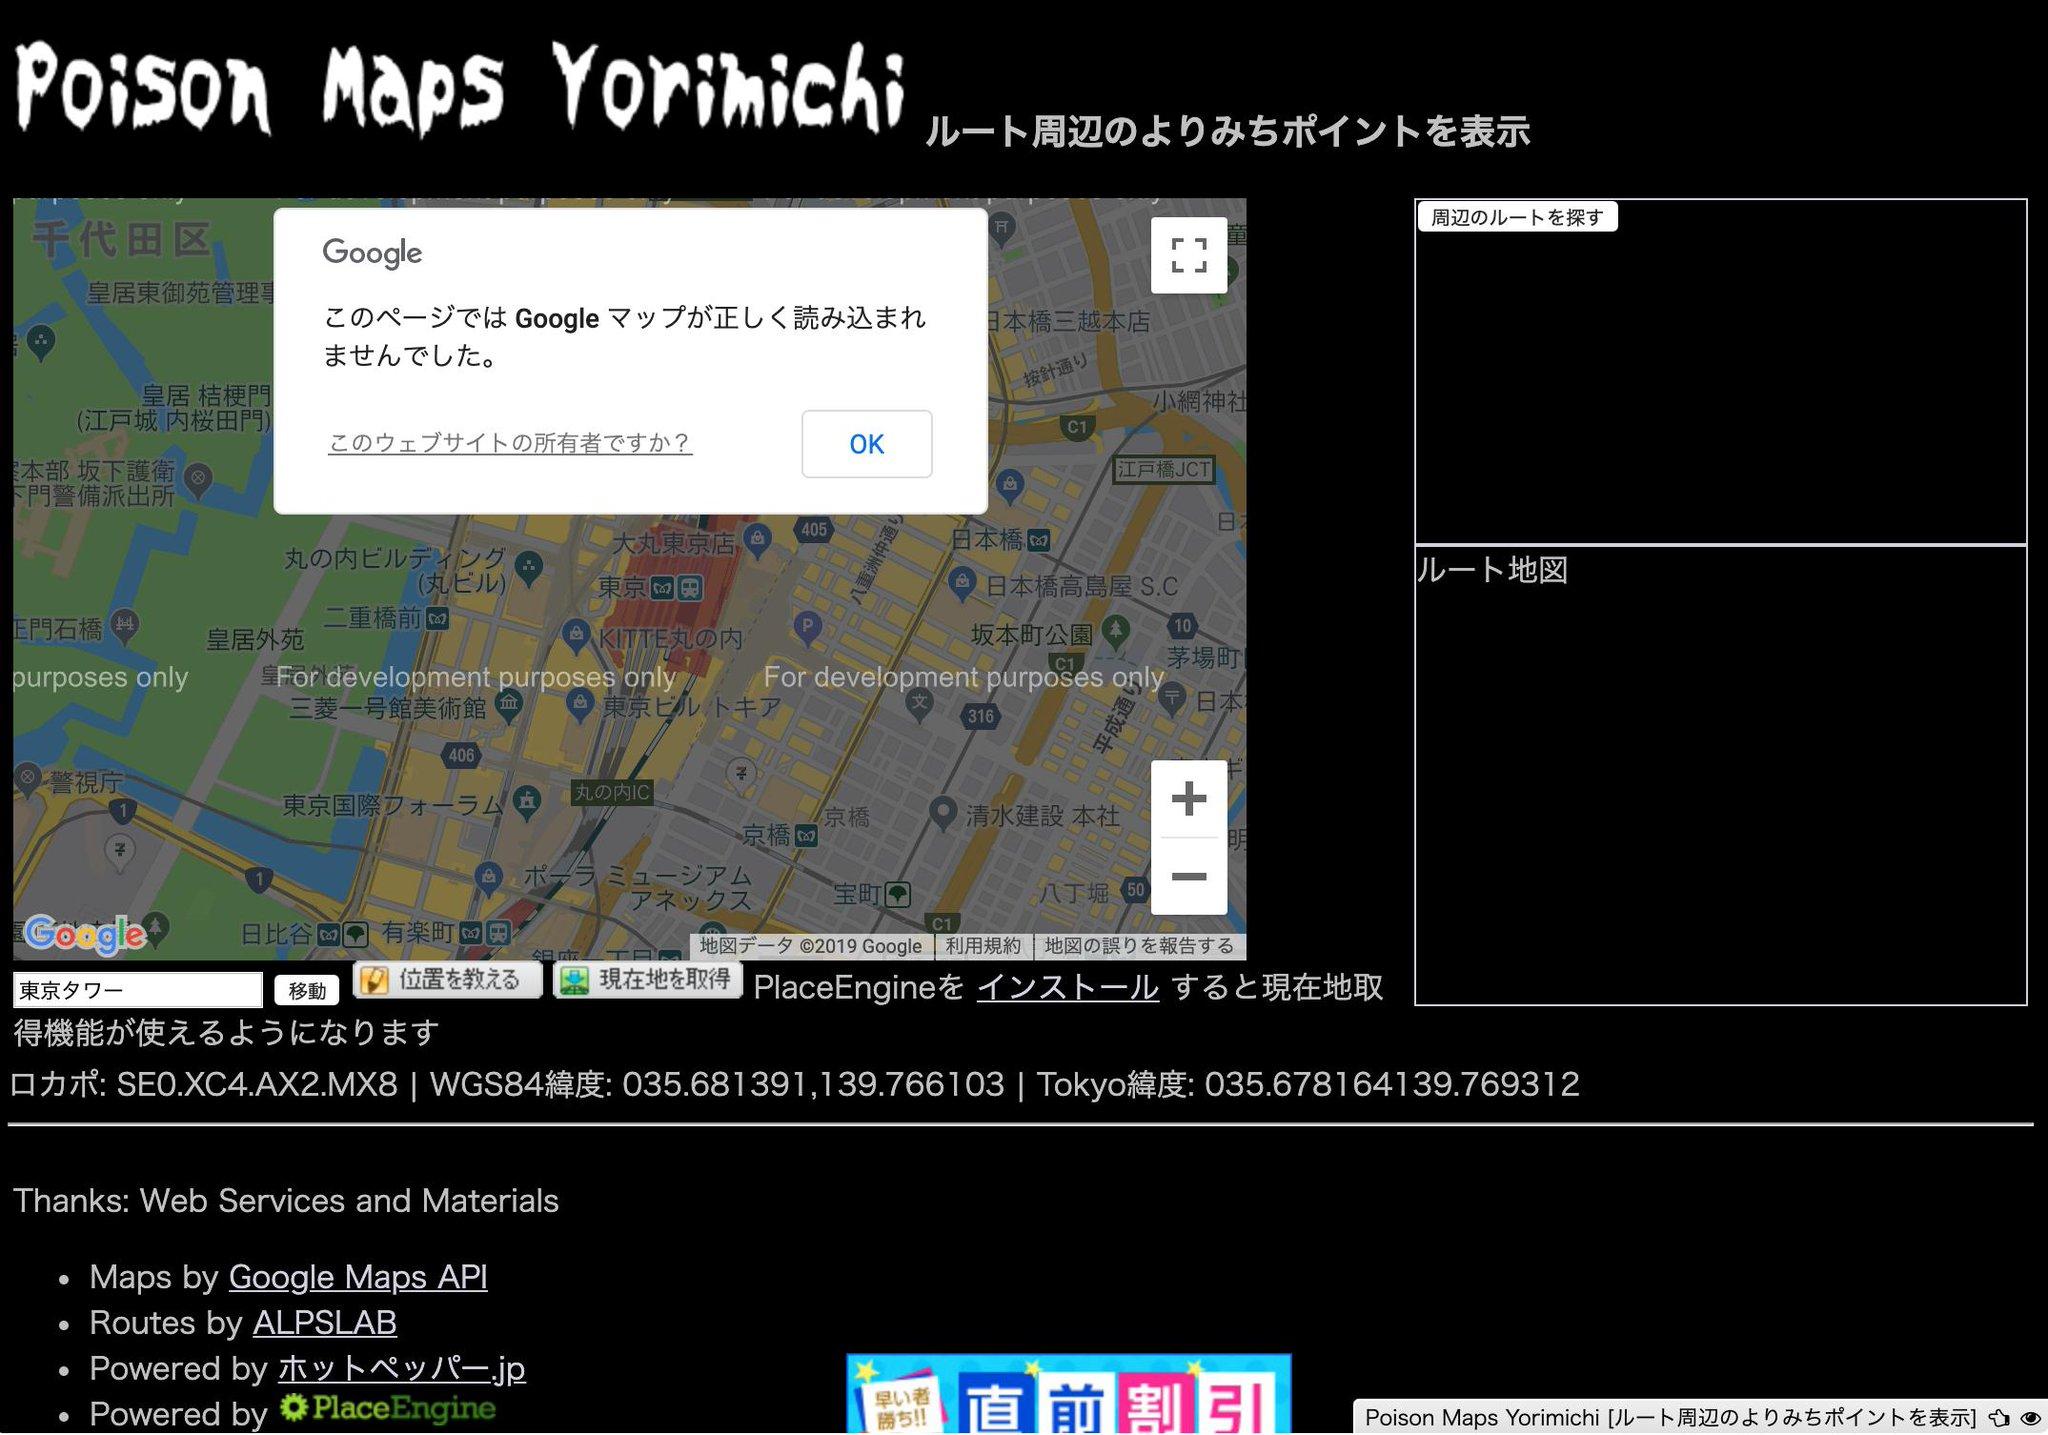 古すぎてもういろいろ動かないな。。。  Poison Maps Yorimichi [ルート周辺のよりみちポイントを表示] https://t.co/k5mJBdjLH6 https://t.co/1m9fyEpA9Y